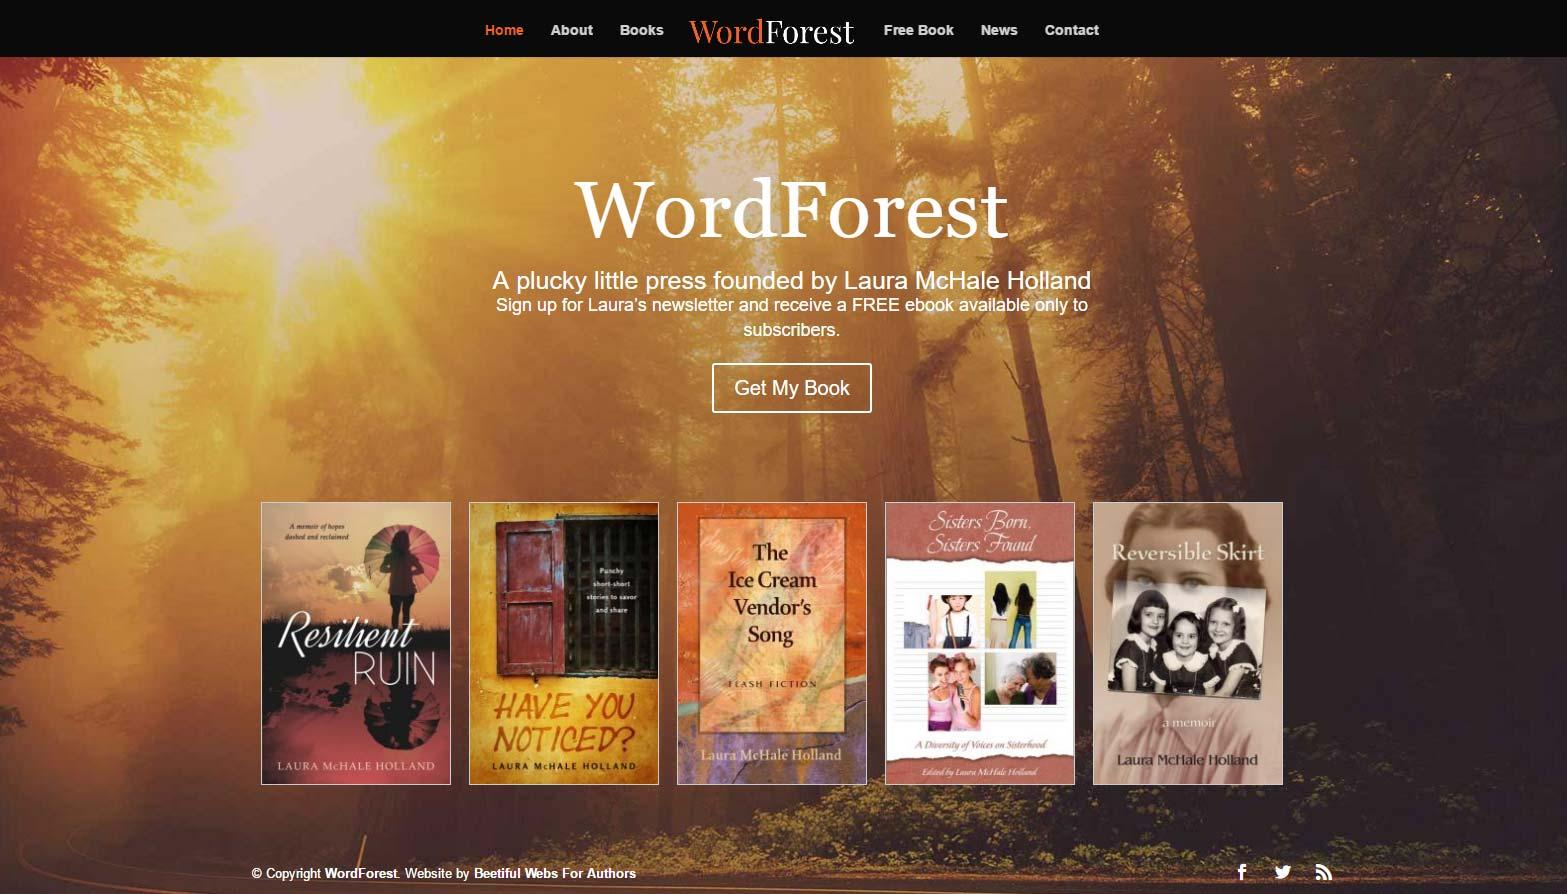 WordForest (wordforest.com)